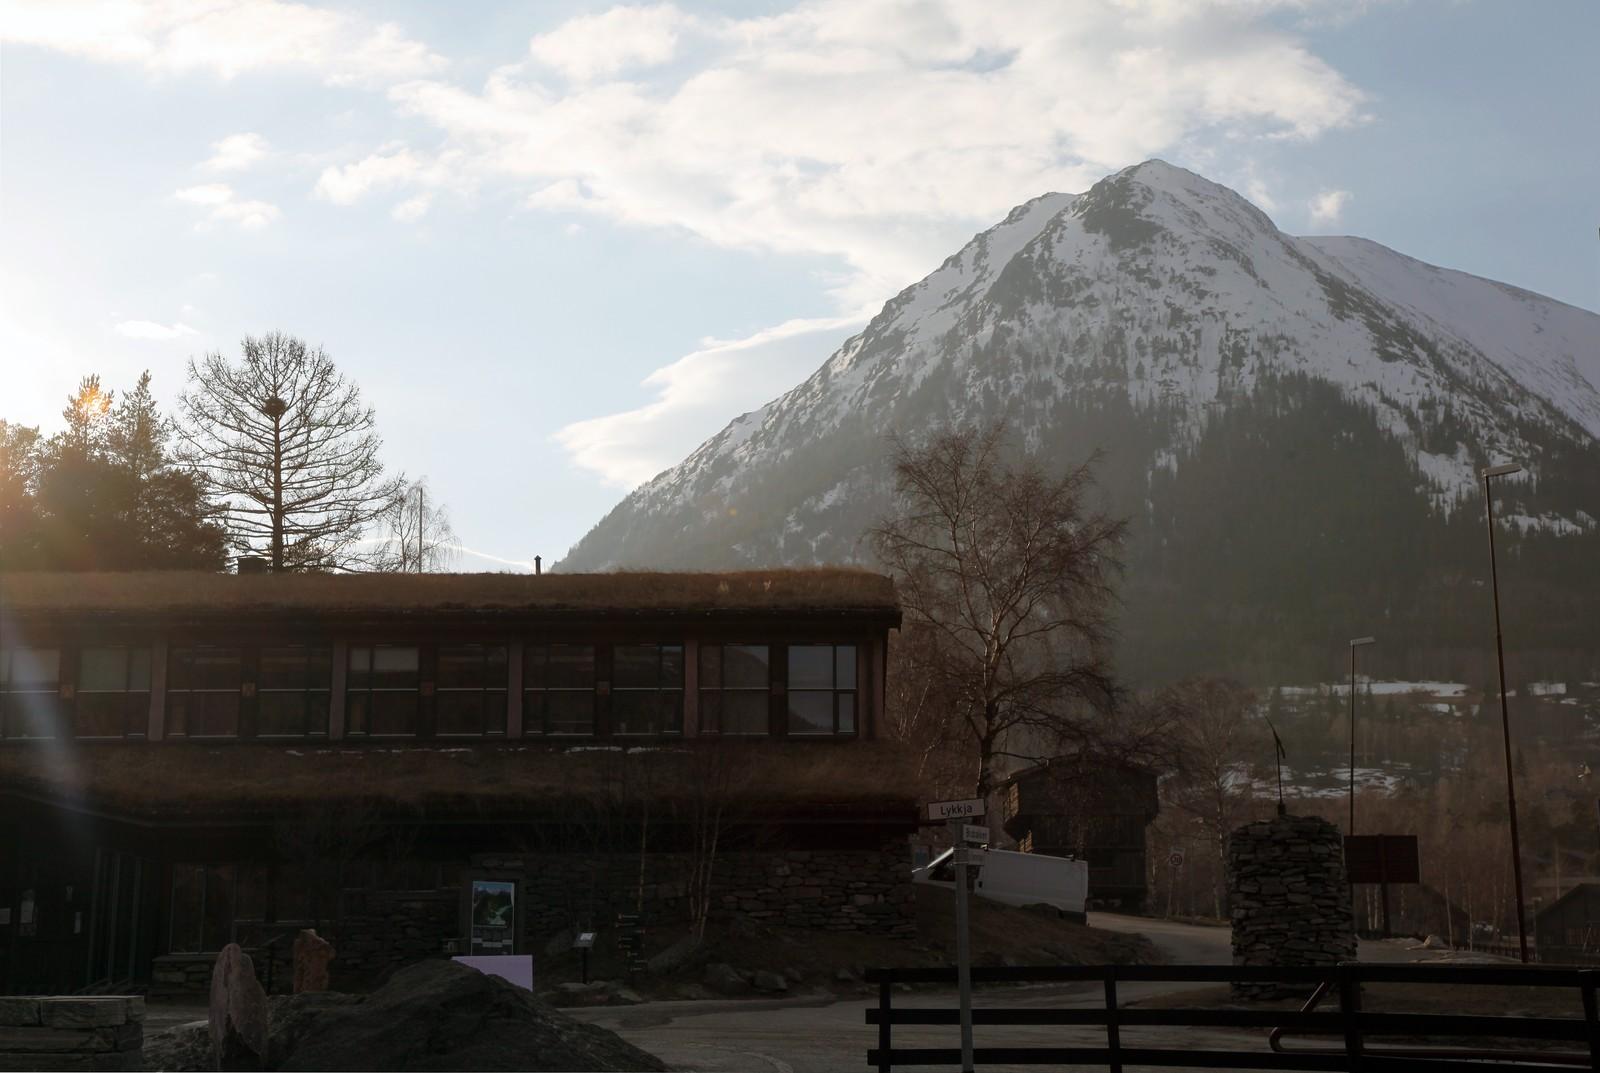 Et av drapsåstedene i bygdekrimmen fra Lom ligger ved foten av fjellmassivet Lomseggen på over 2000 m.oh.